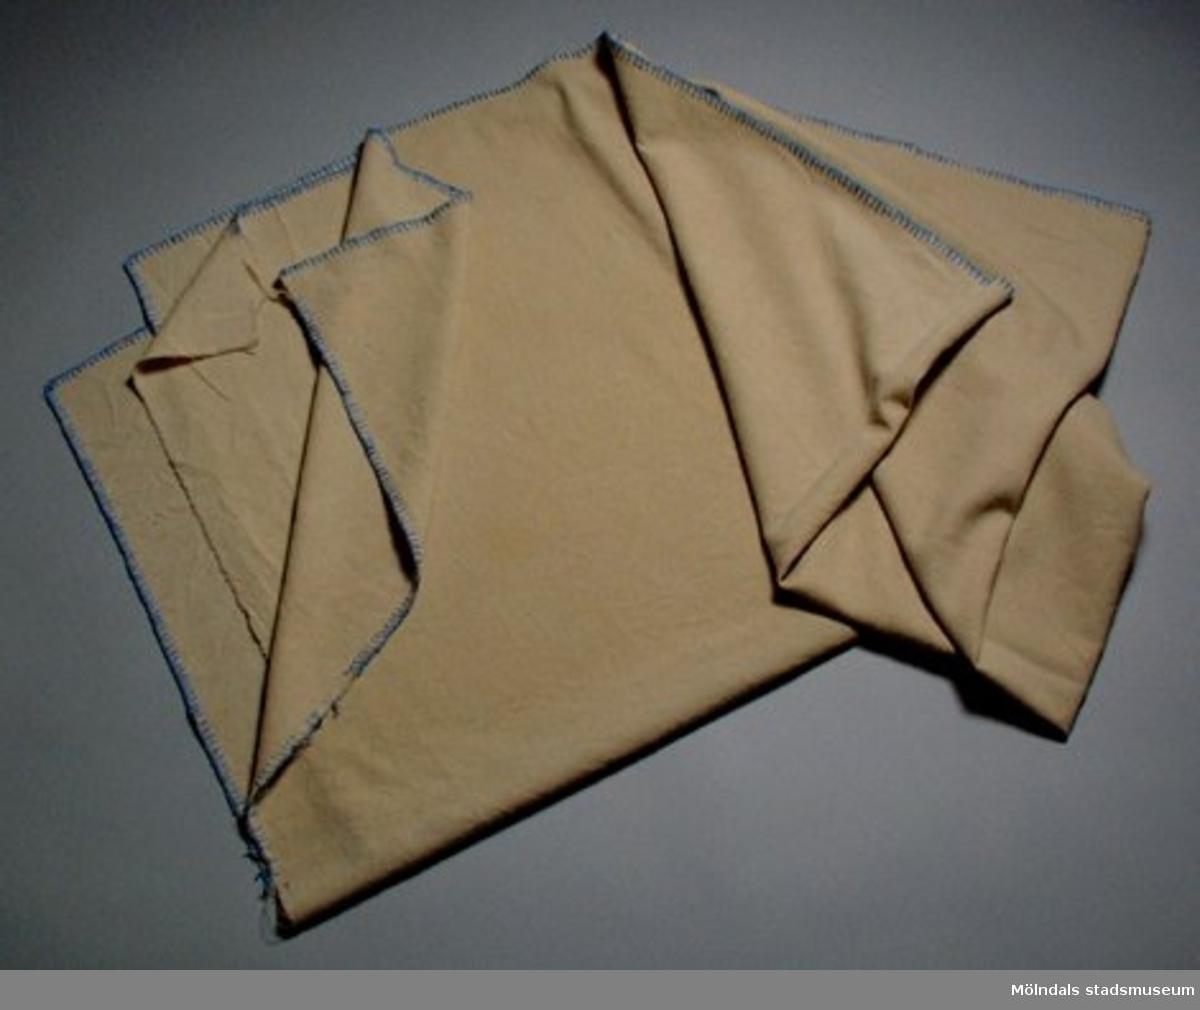 Beige maskinfilt kantad med blått garn. Använd i Papyrus papperstillverkning med användes av mölndalsbor som sängfilt. Material bomull?